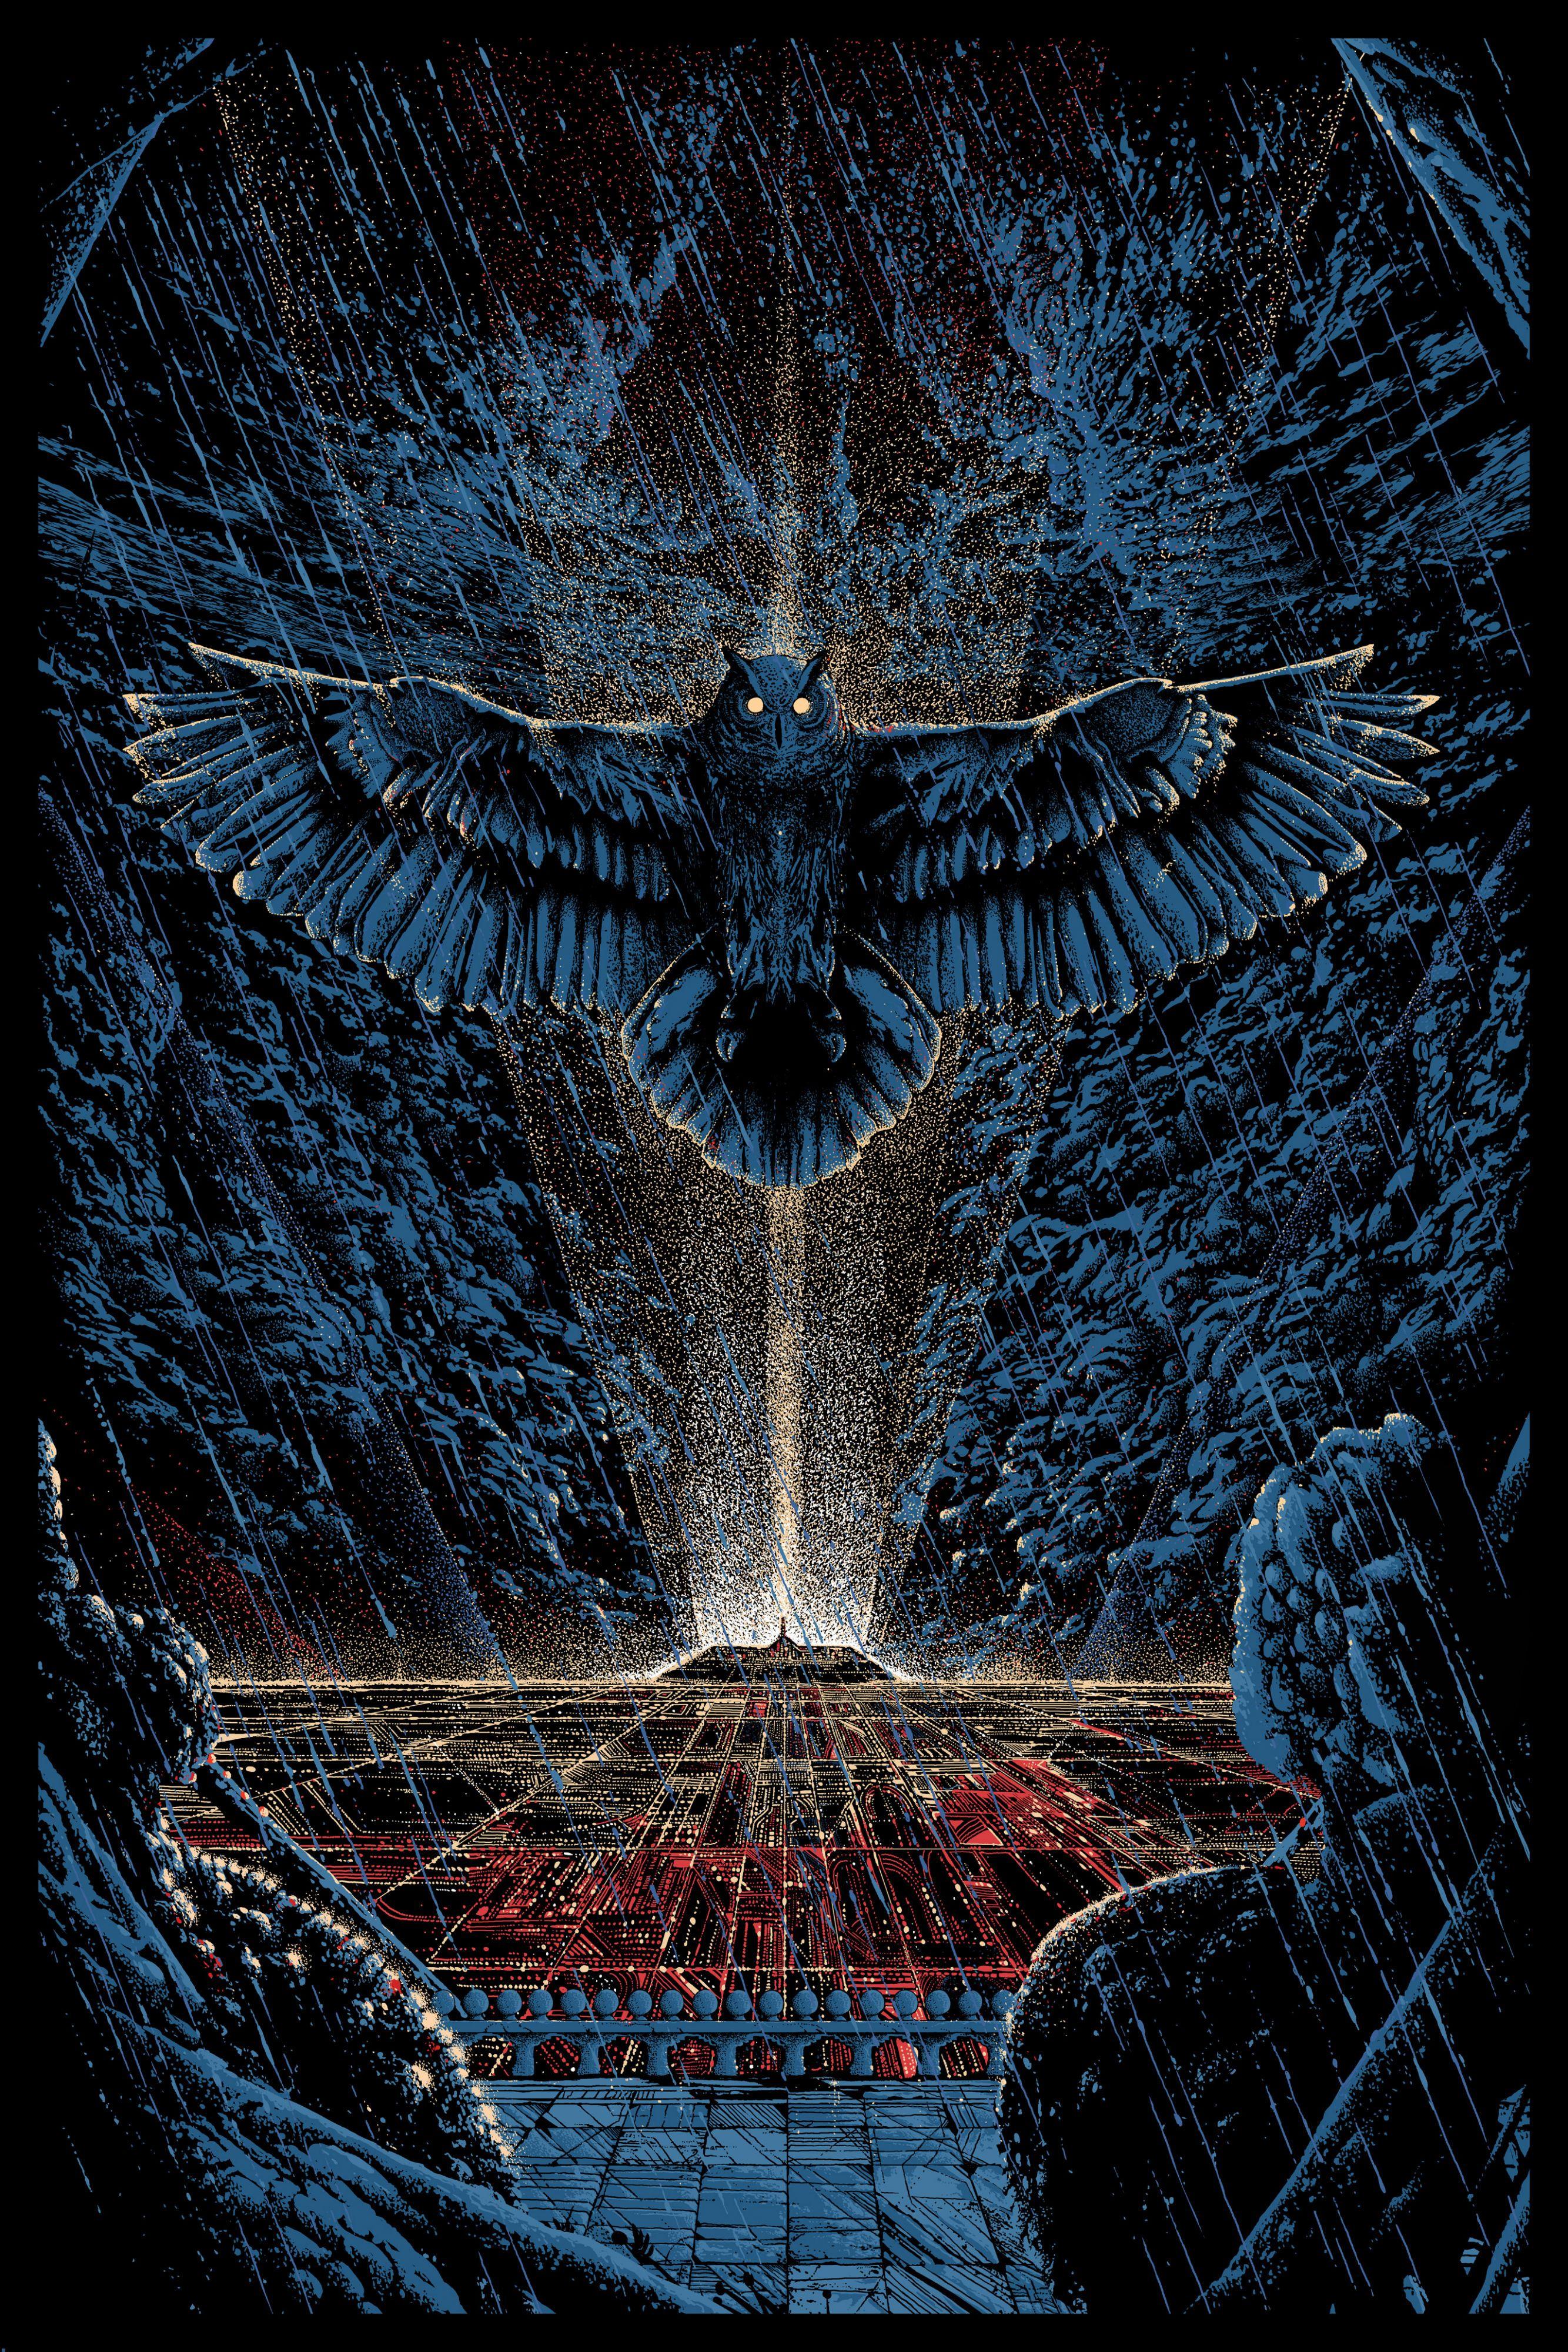 Blade Runner artwork by Killian Eng | Illustration | Pinterest